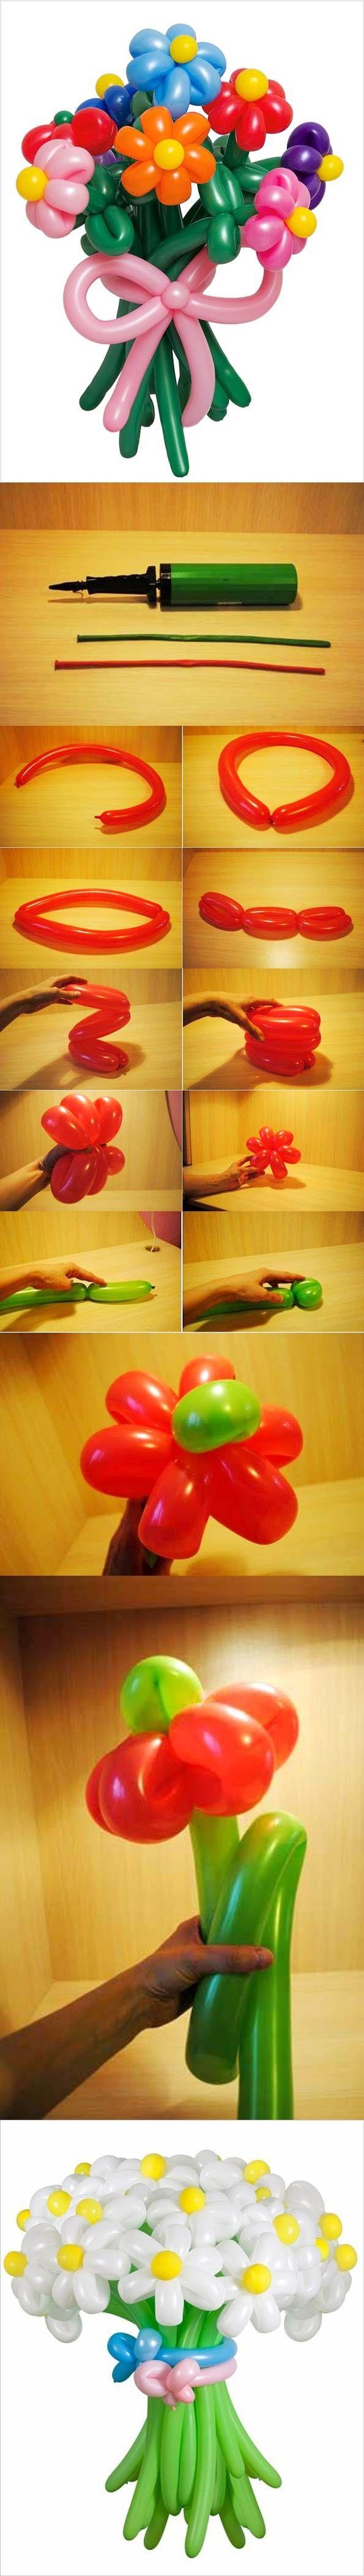 Воздушные шары как сделать цветок